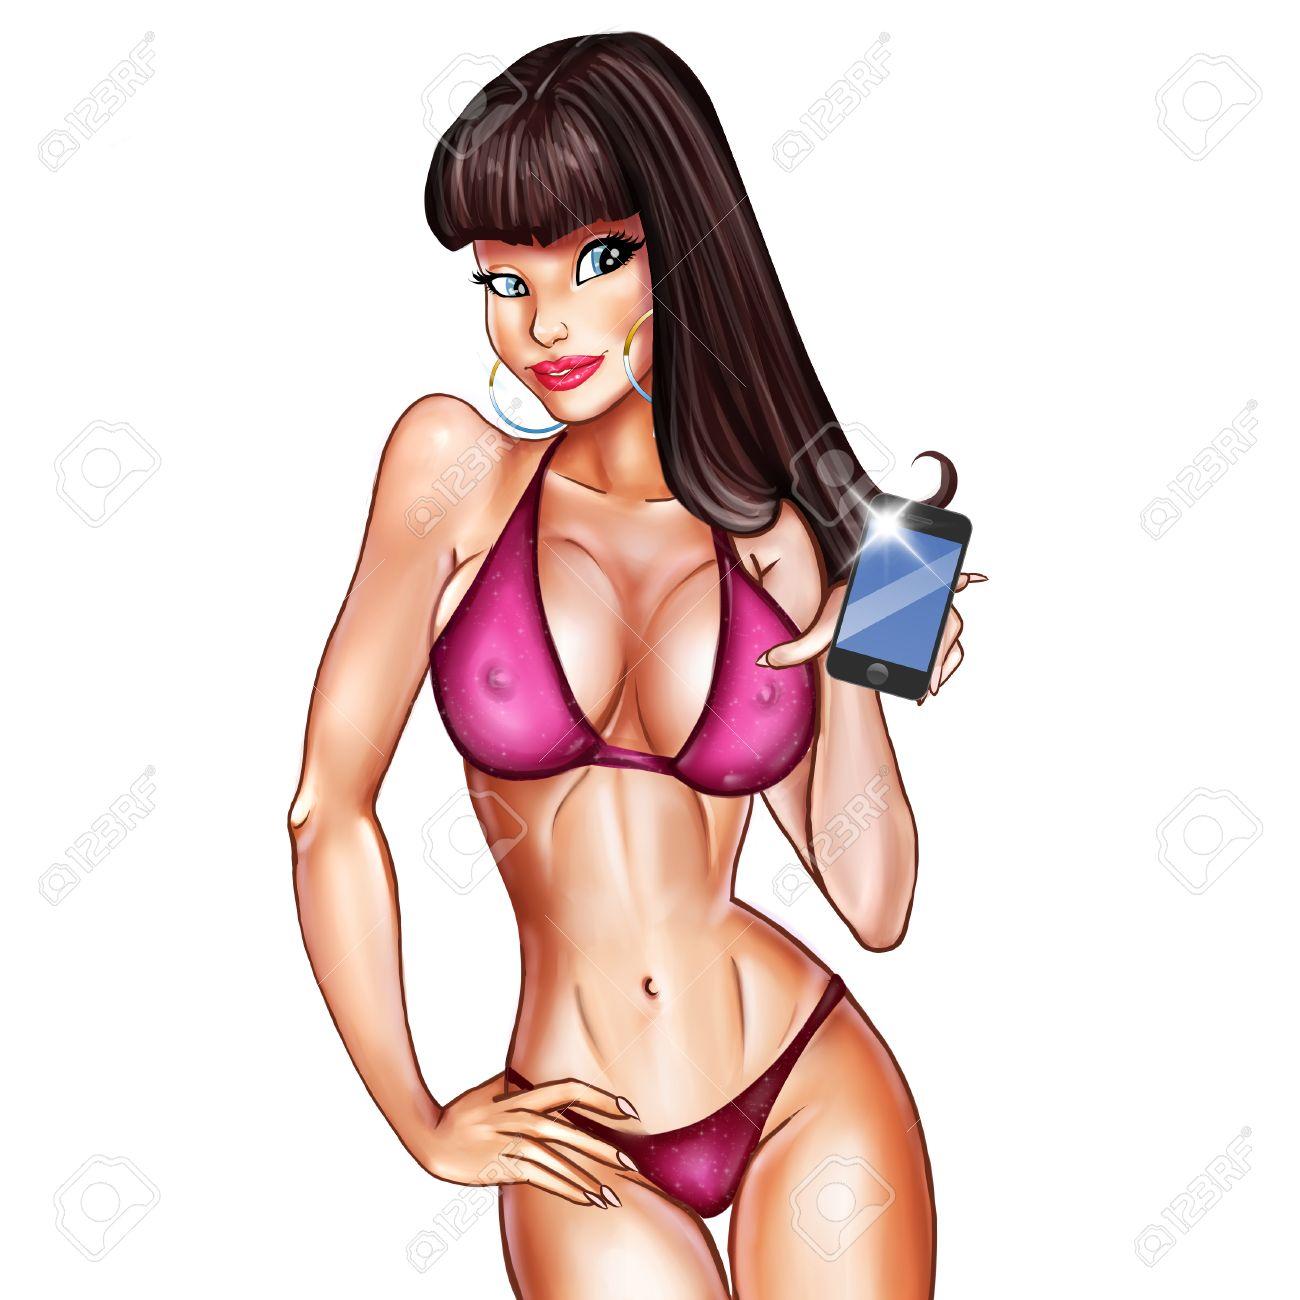 Dessin Anime Sexy personnage de dessin animé d'une jeune fille sexy prenant selfies